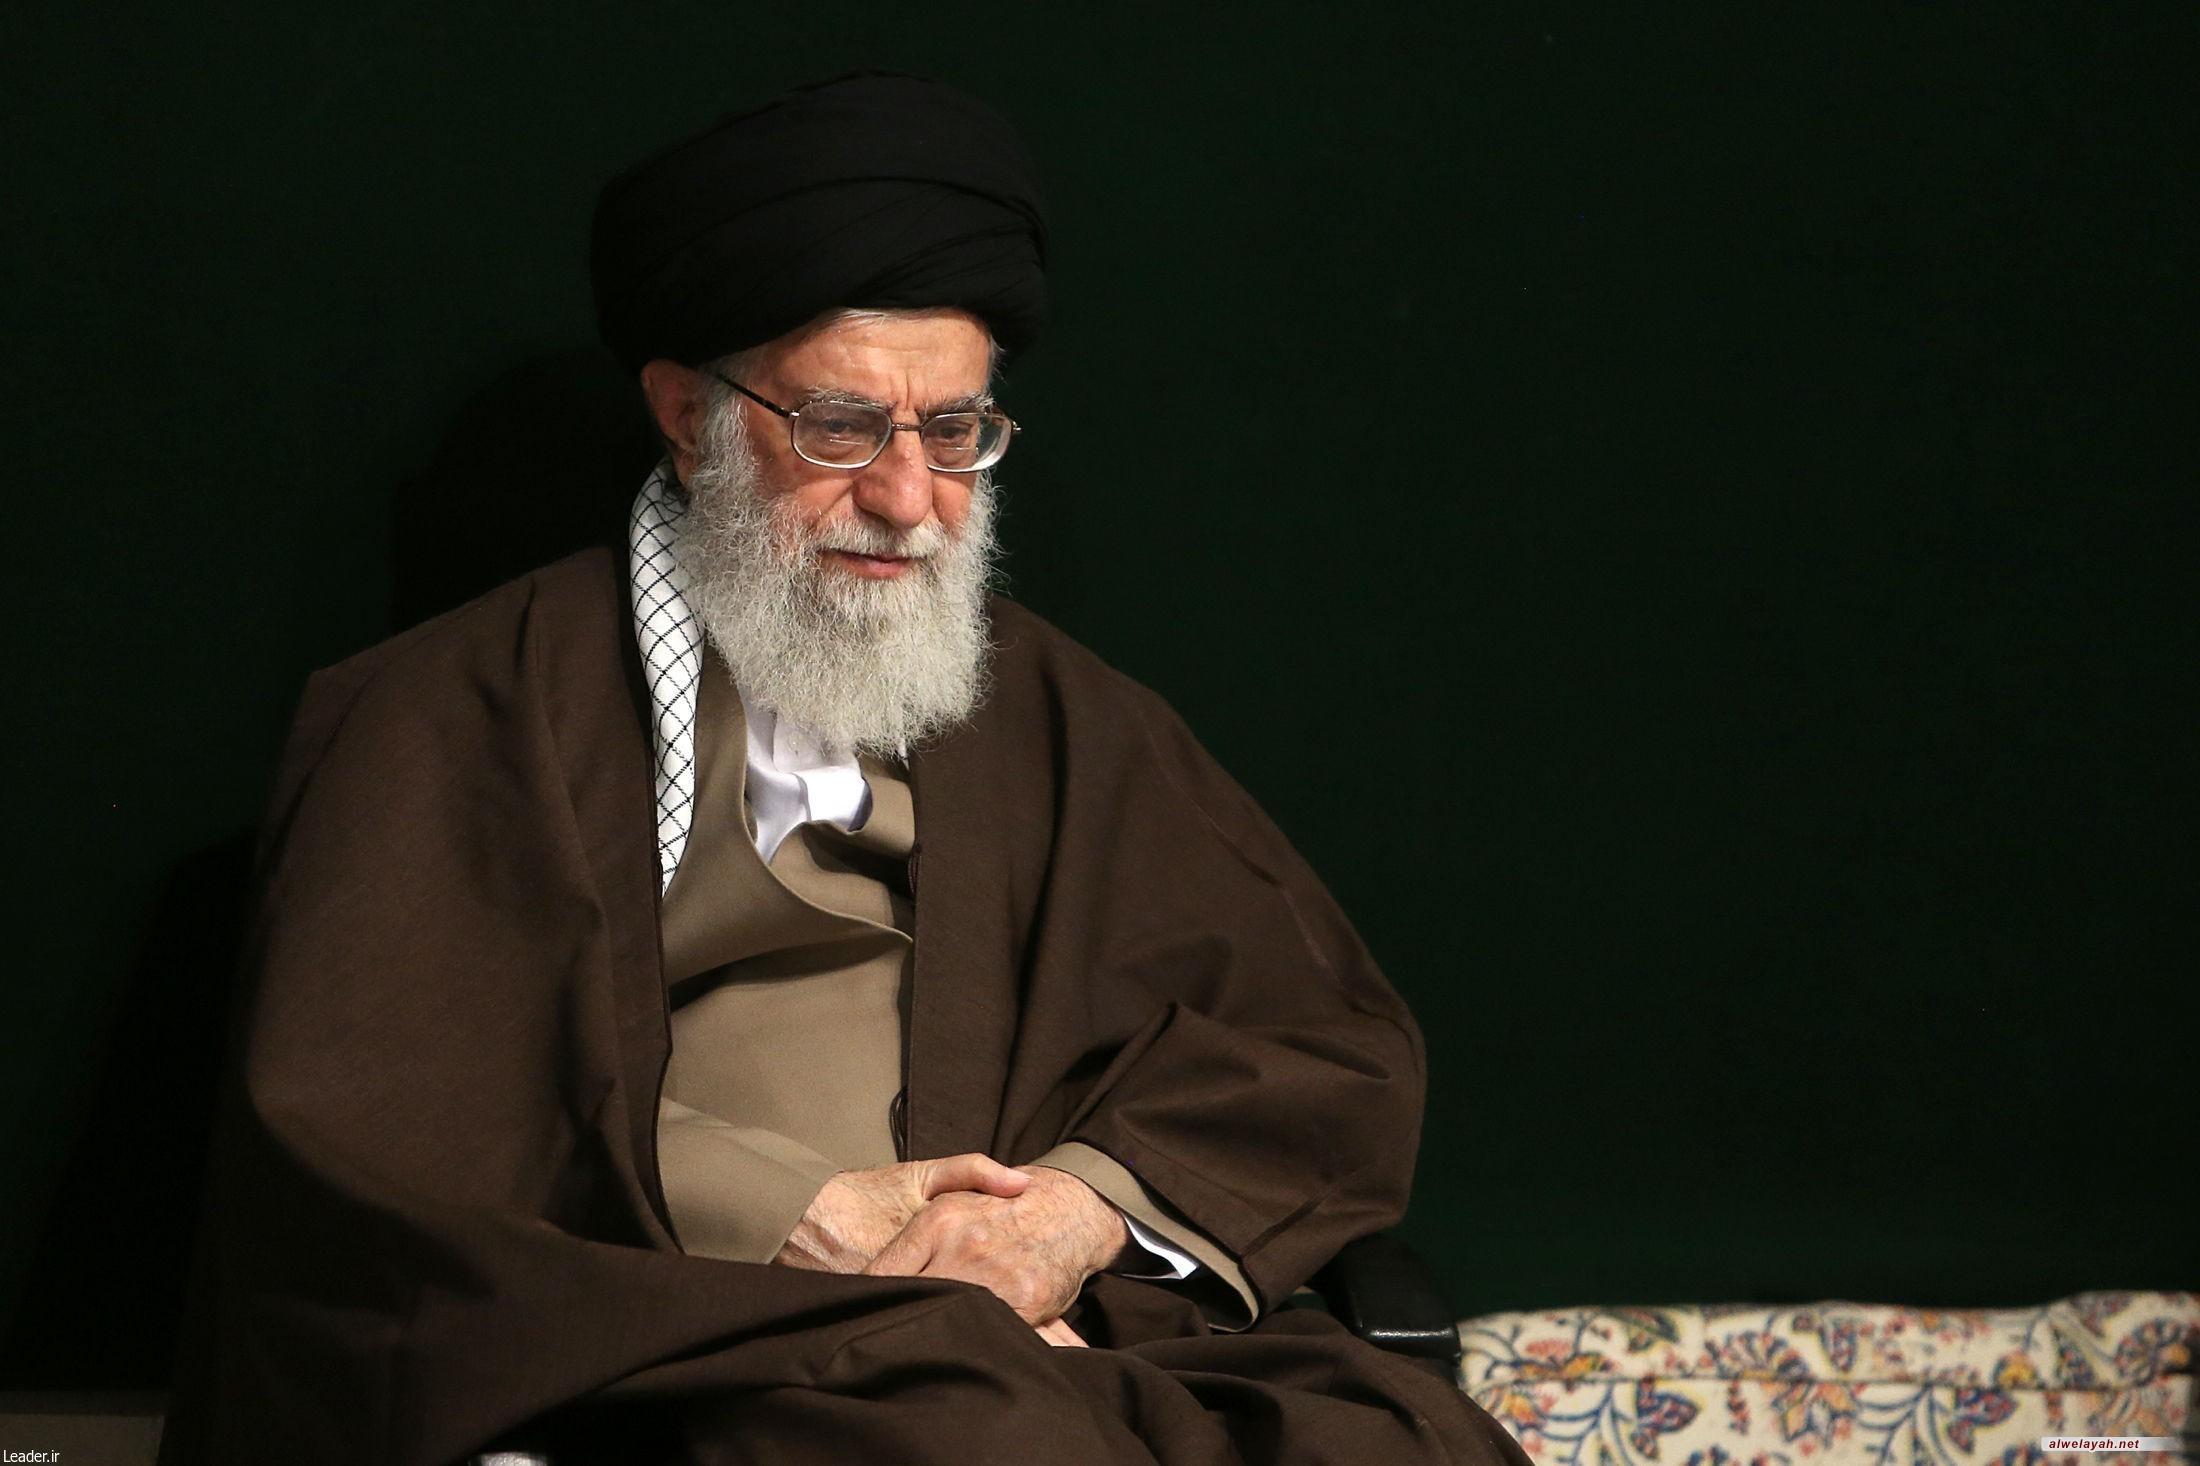 إقامة مراسم أربعين الإمام الحسين (ع) بحضور قائد الثورة الإسلامية